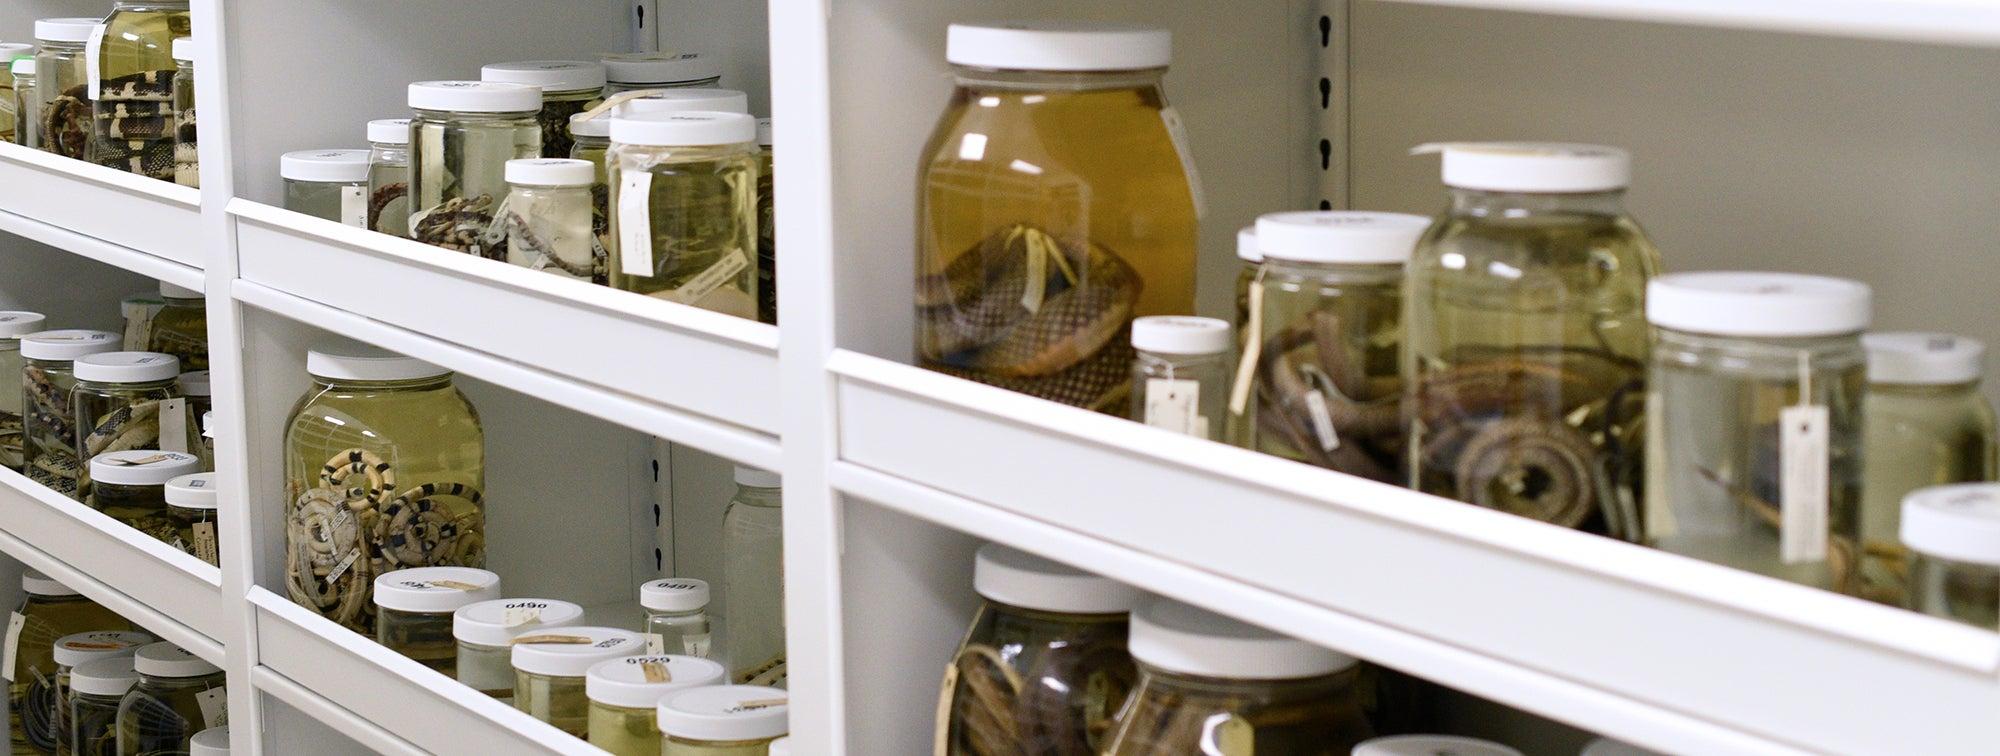 snake specimens in jars